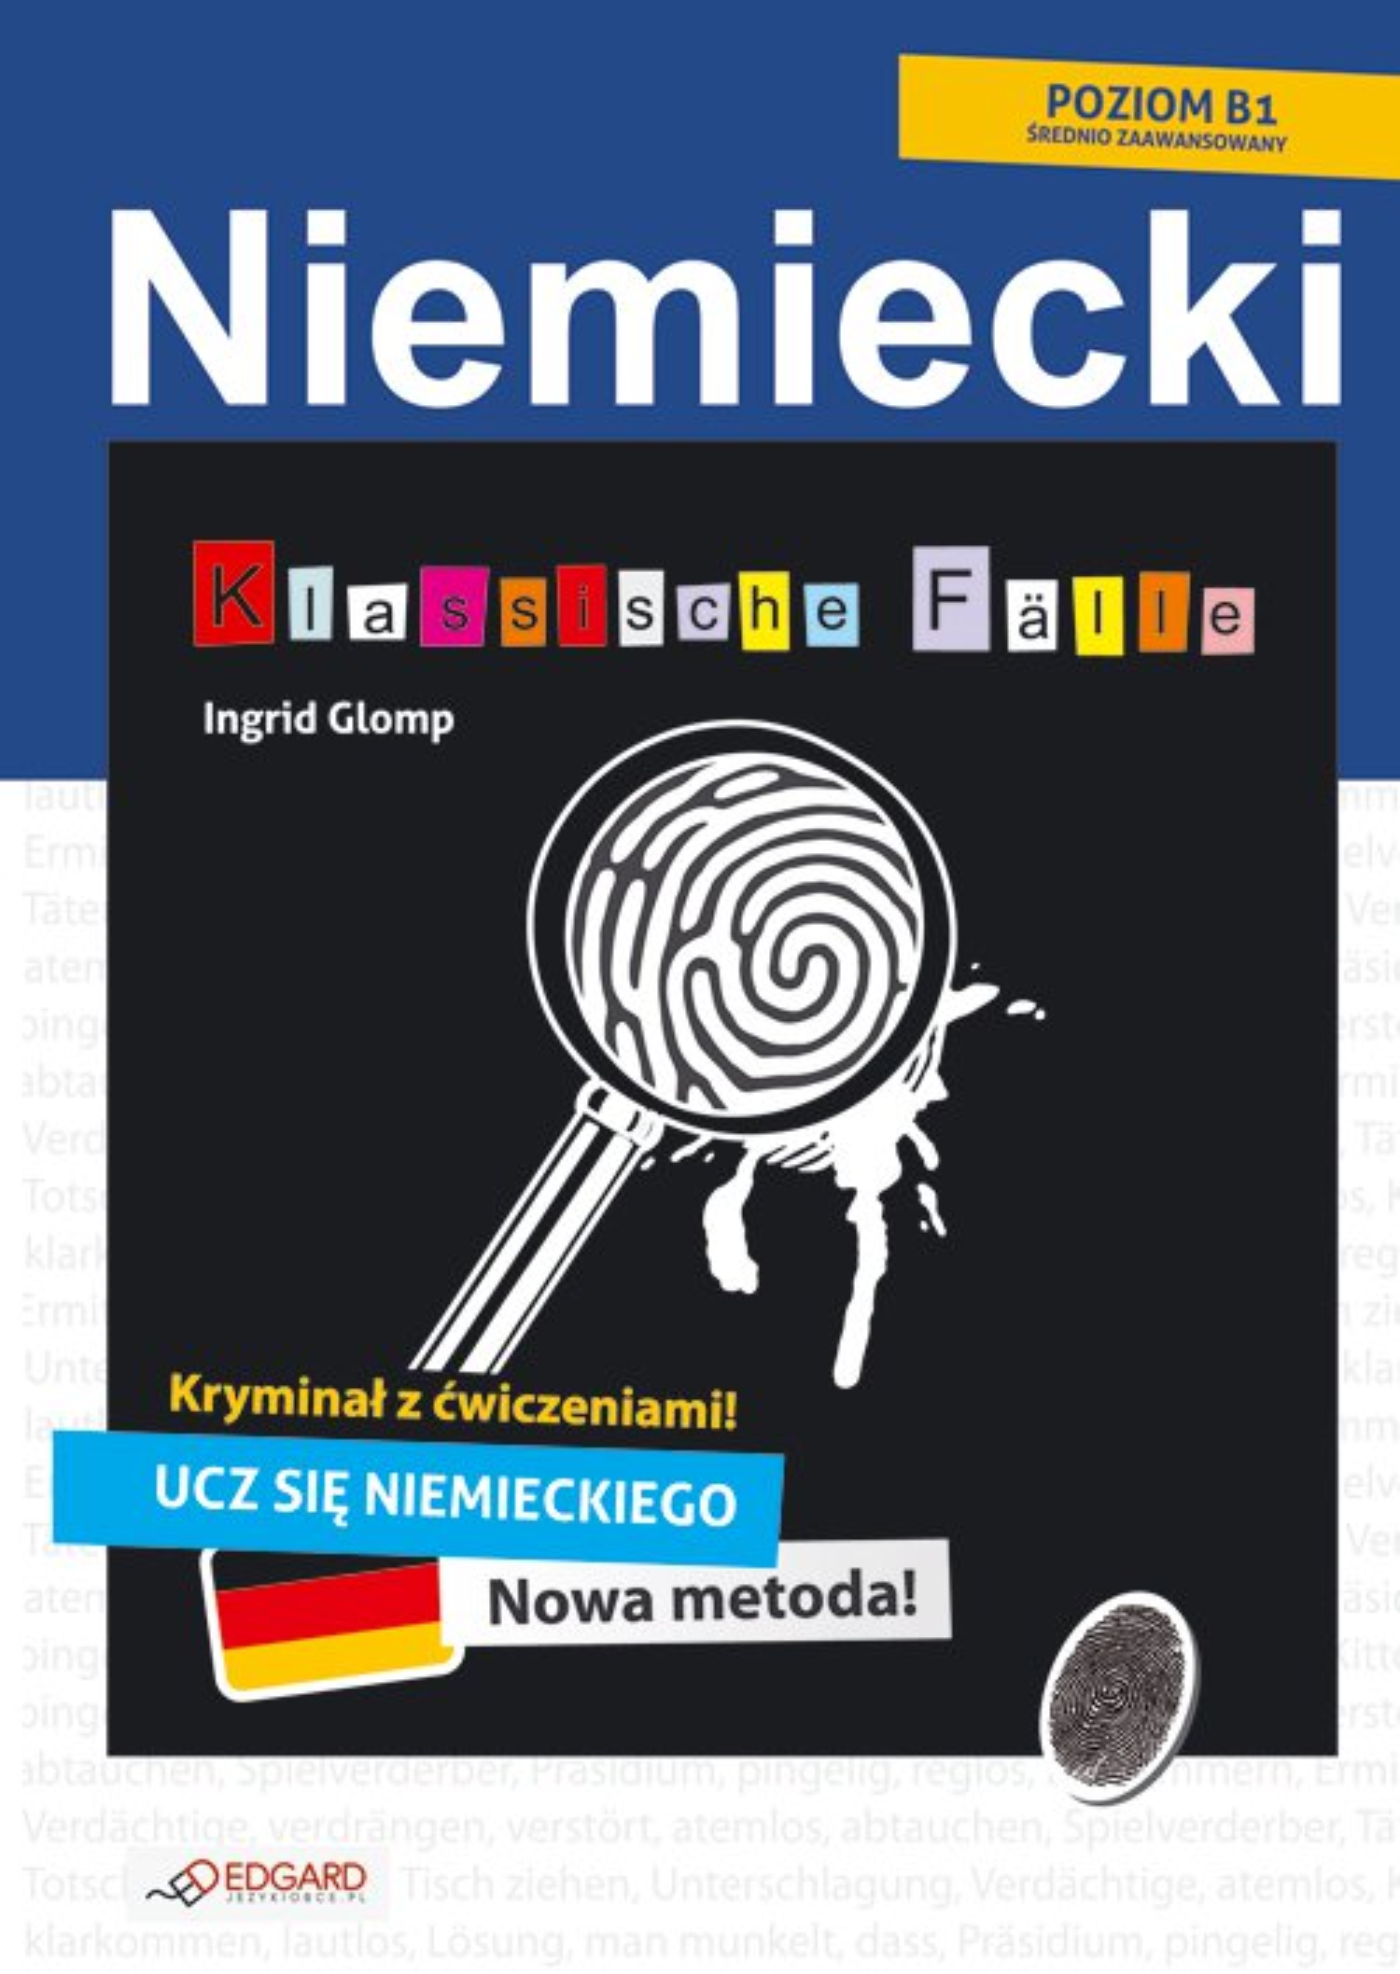 Klassische falle. Niemiecki kryminał z ćwiczeniami - Ebook (Książka EPUB) do pobrania w formacie EPUB